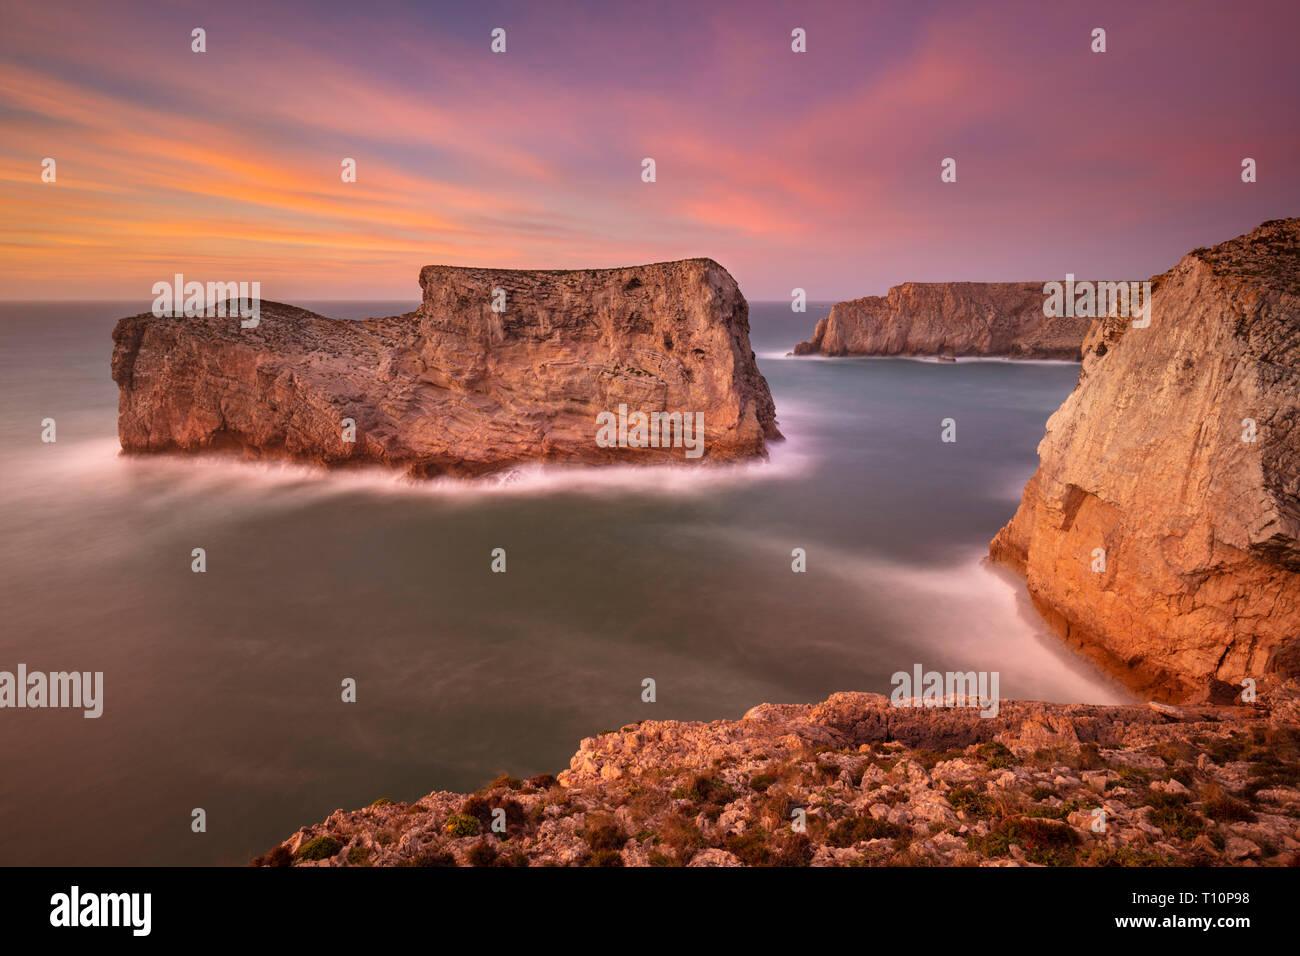 Dramatique ciel coucher de soleil côte Algarve rock sur le tas près du Cap St Vincent Costa Vicentina Sagres Portugal Algarve côte,Portugal Europe de l'UE Photo Stock